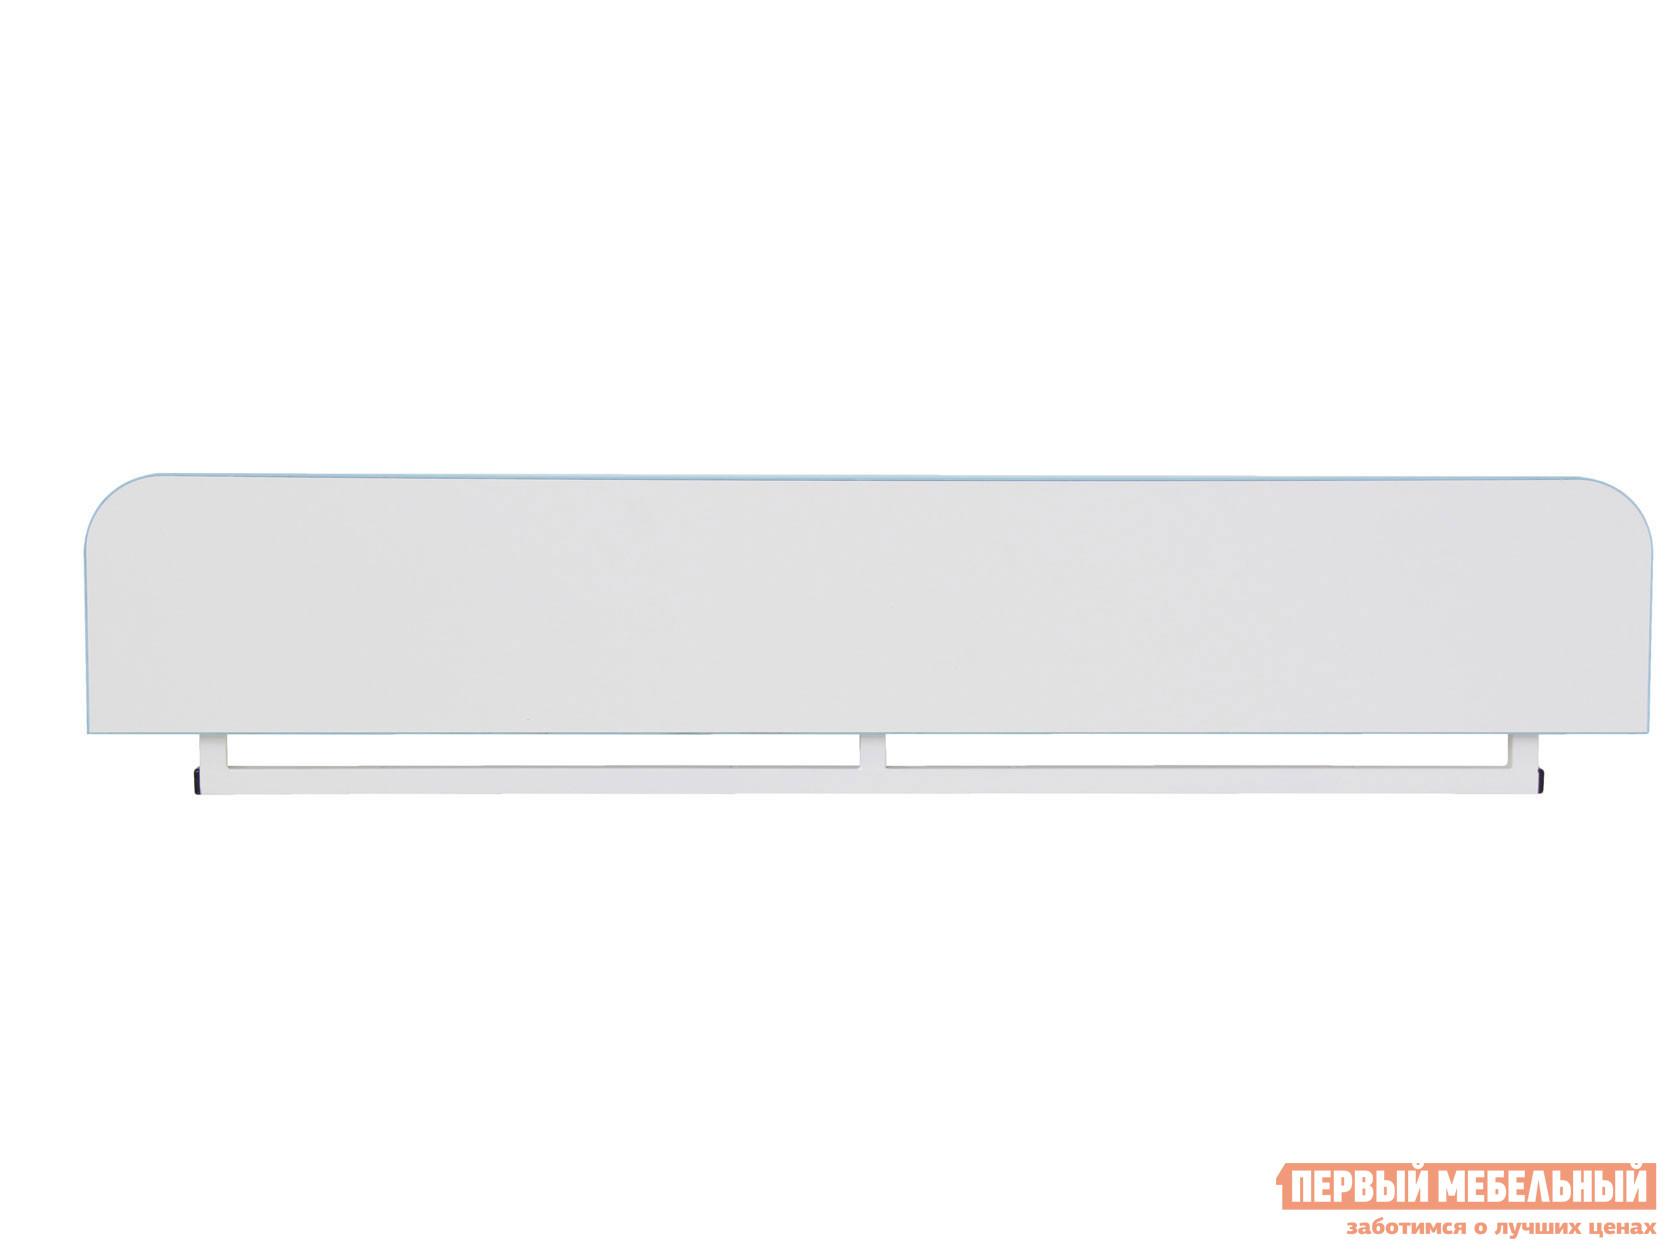 Приставка задняя ВПК Приставка задняя для растущей парты-трансформера Polini kids City D2, 120х20 см